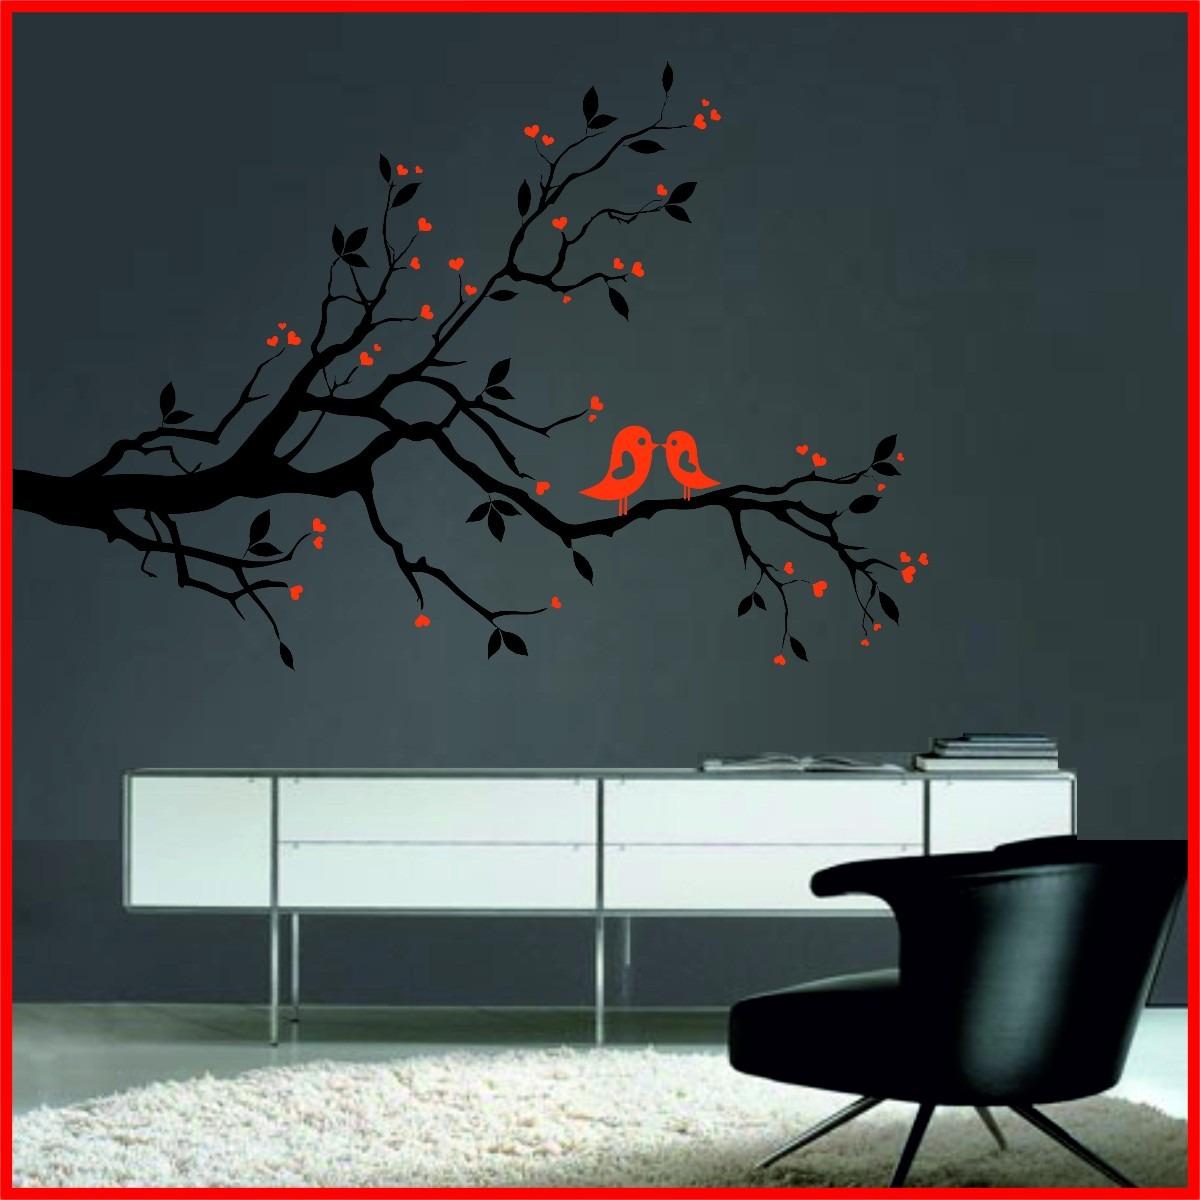 Vinilos decorados decoracion de interiores con vinilos decorativos floralesmov vinilos - Vinilos decorativos arboles ...